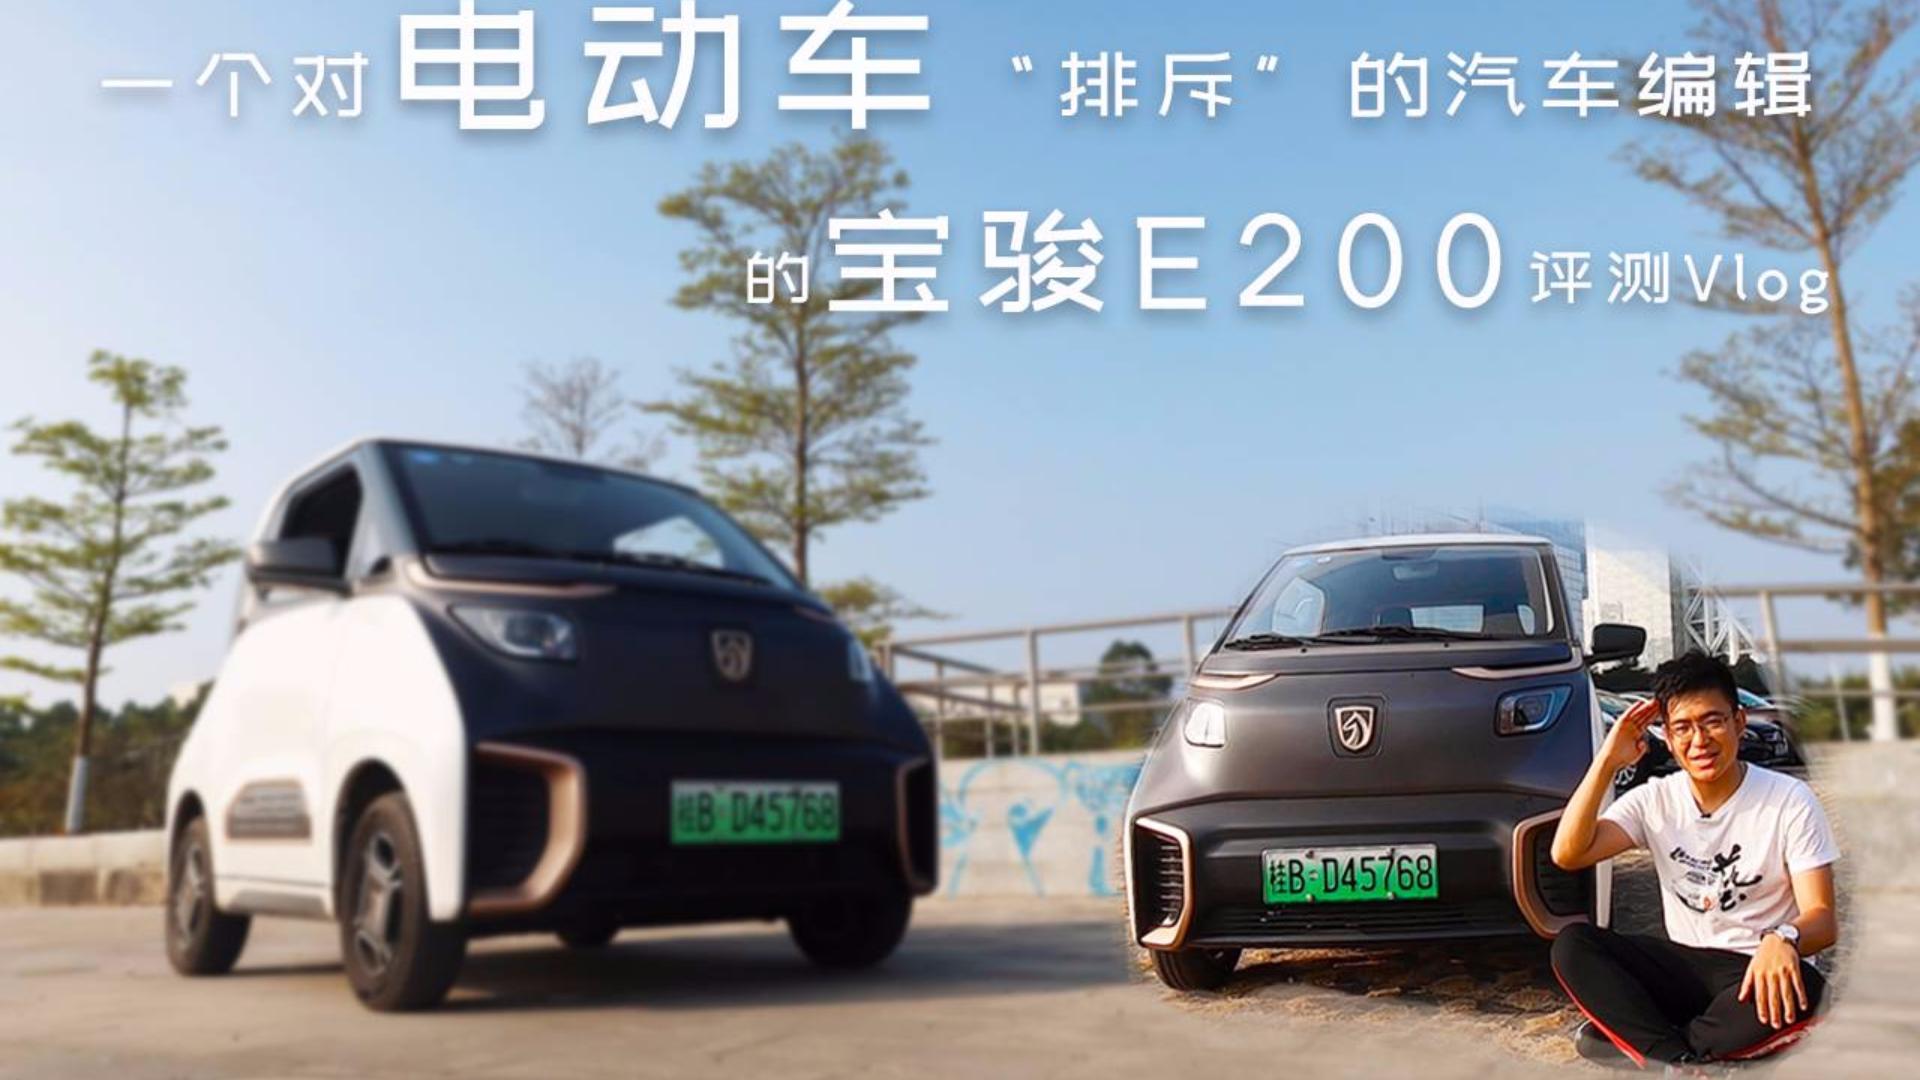 解决你对于电动车的疑问-宝骏E200 V-log